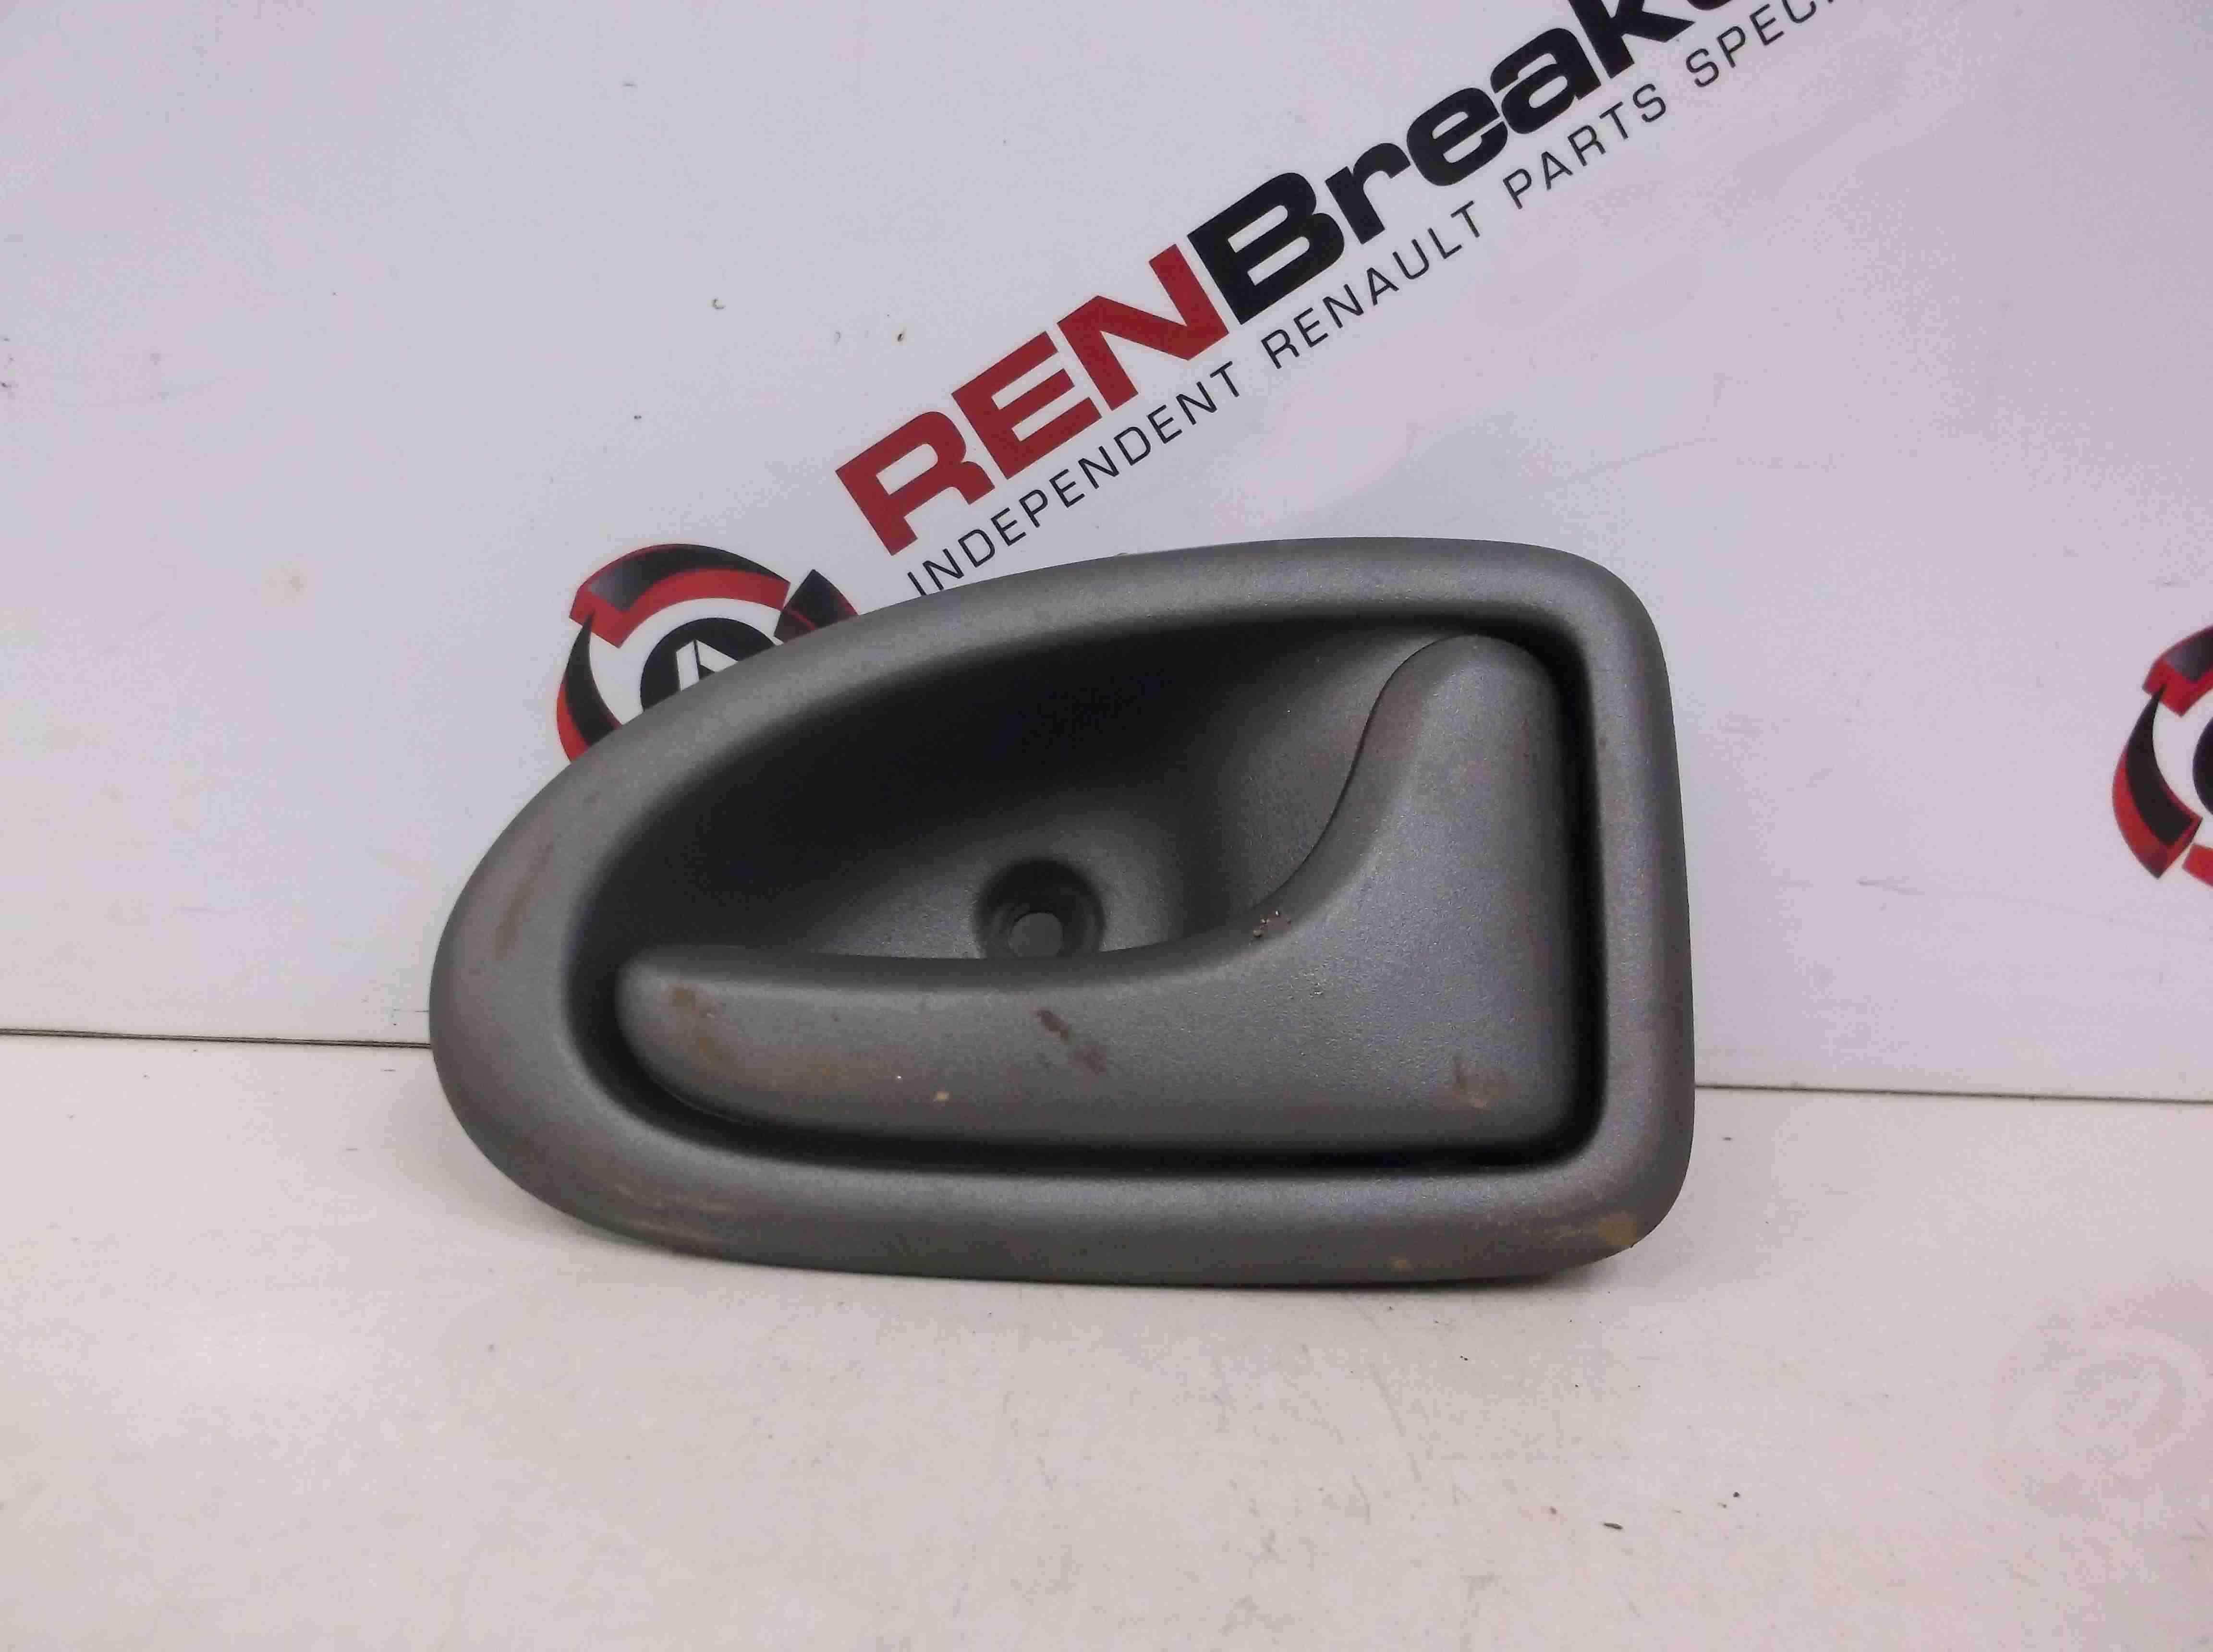 Renault Megane Scenic 1999-2003 Drivers OSR Rear Interior Door Handle